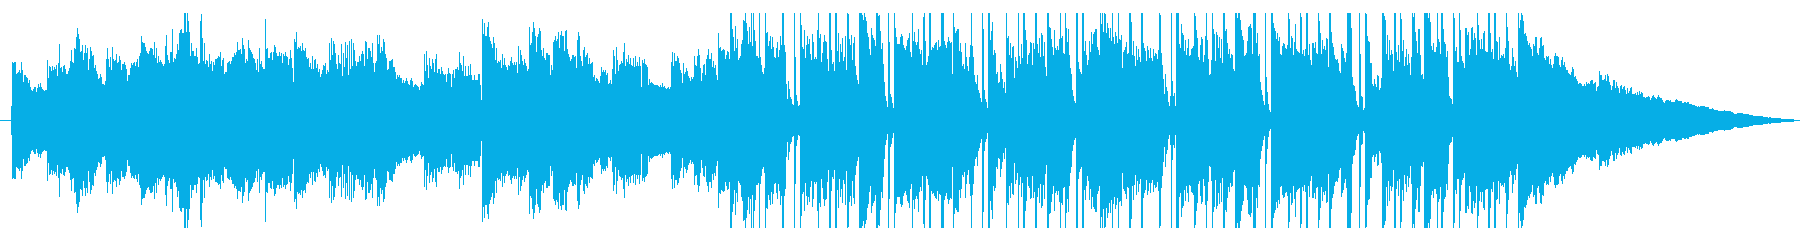 印象的なエレピのおしゃれなショートBGMの再生済みの波形